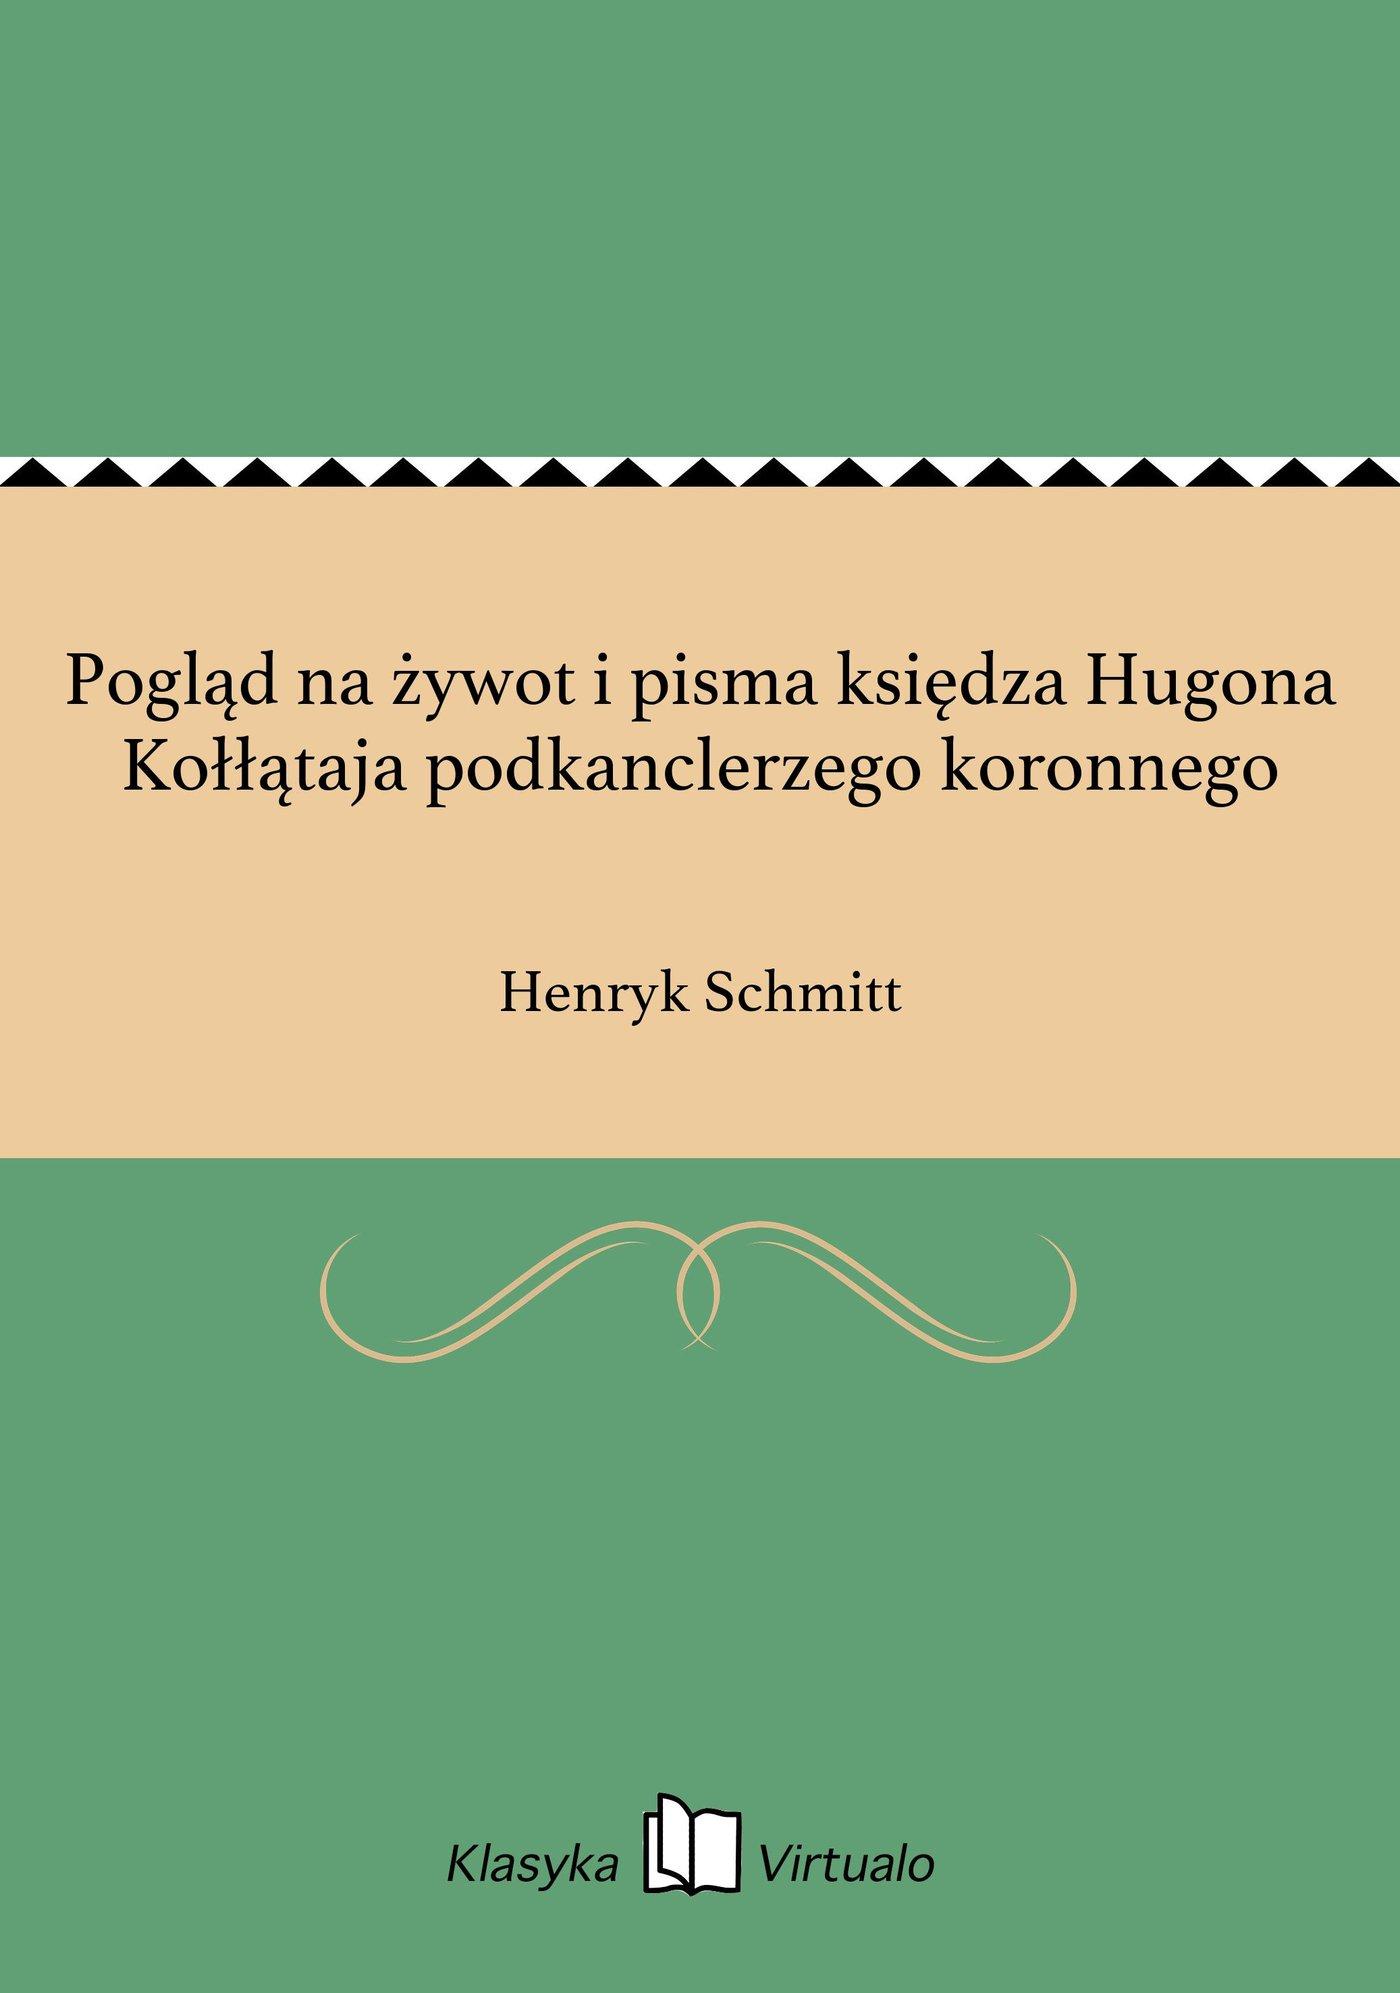 Pogląd na żywot i pisma księdza Hugona Kołłątaja podkanclerzego koronnego - Ebook (Książka EPUB) do pobrania w formacie EPUB